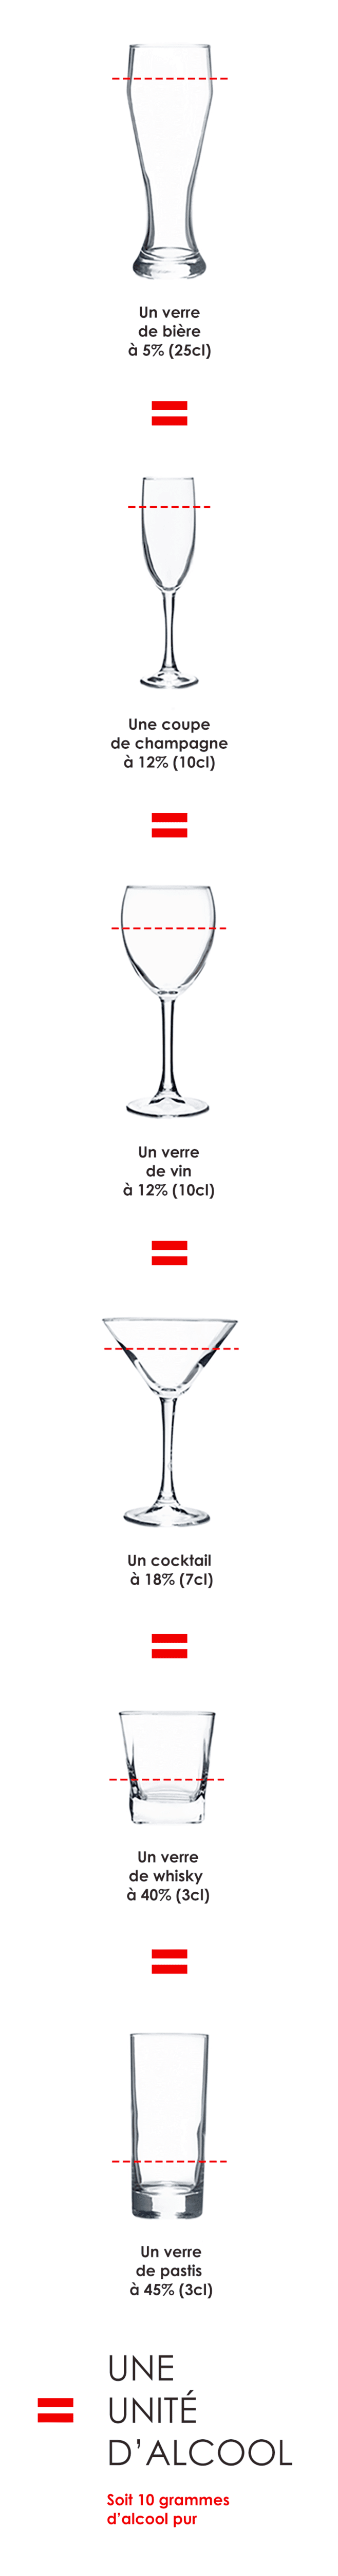 Calculer le taux d'alcool dans ma boisson